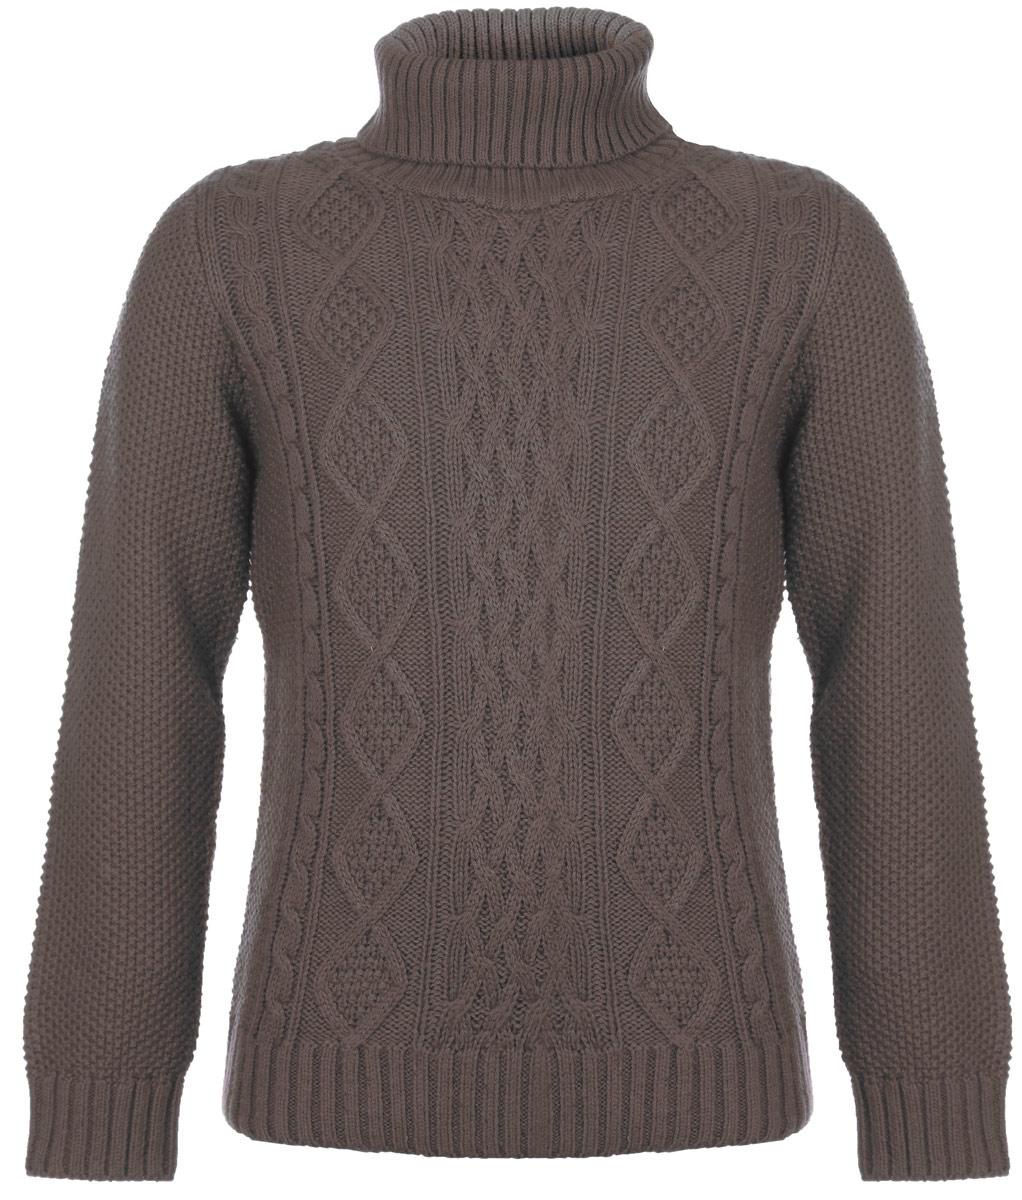 Свитер для мальчика. SW-714/030-5424SW-714/030-5424Теплый вязаный свитер для мальчика Sela идеально подойдет вашему ребенку в прохладные дни. Изготовленный из высококачественной пряжи, он необычайно мягкий и приятный на ощупь, не сковывает движения ребенка и хорошо сохраняет тепло, обеспечивая наибольший комфорт. Свитер с длинными рукавами и воротником-гольф оформлен фактурной вязкой. Рукава, воротник и низ изделия связаны крупной резинкой. Современный дизайн и расцветка делают этот свитер незаменимым предметом детского гардероба. В нем вашему маленькому мужчине будет уютно и тепло, и он всегда будет в центре внимания!